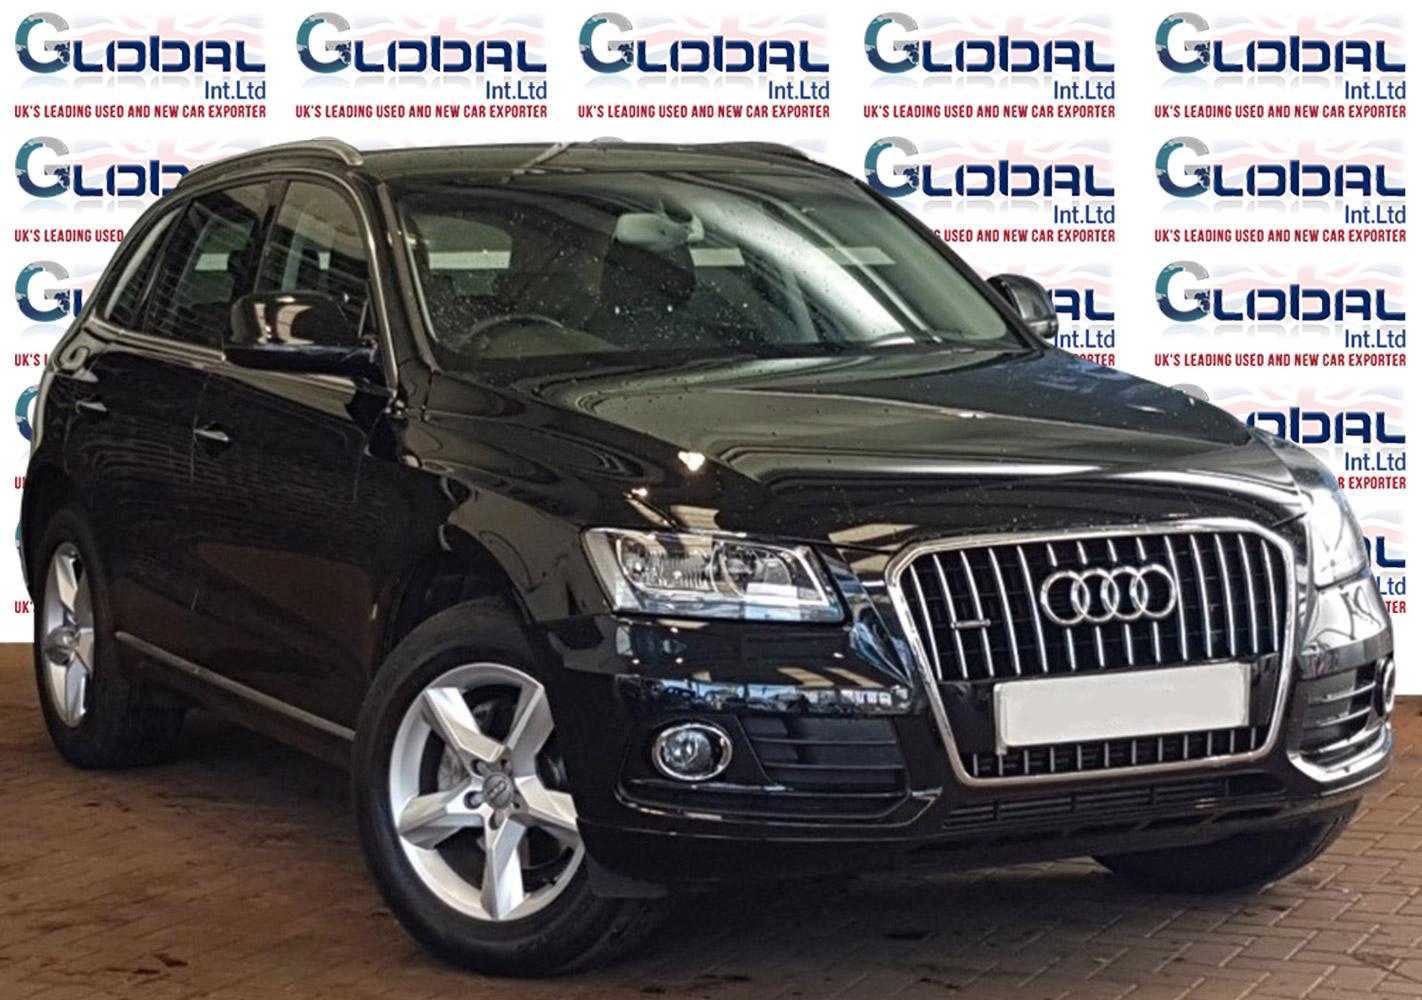 Audi Q5 2015/0